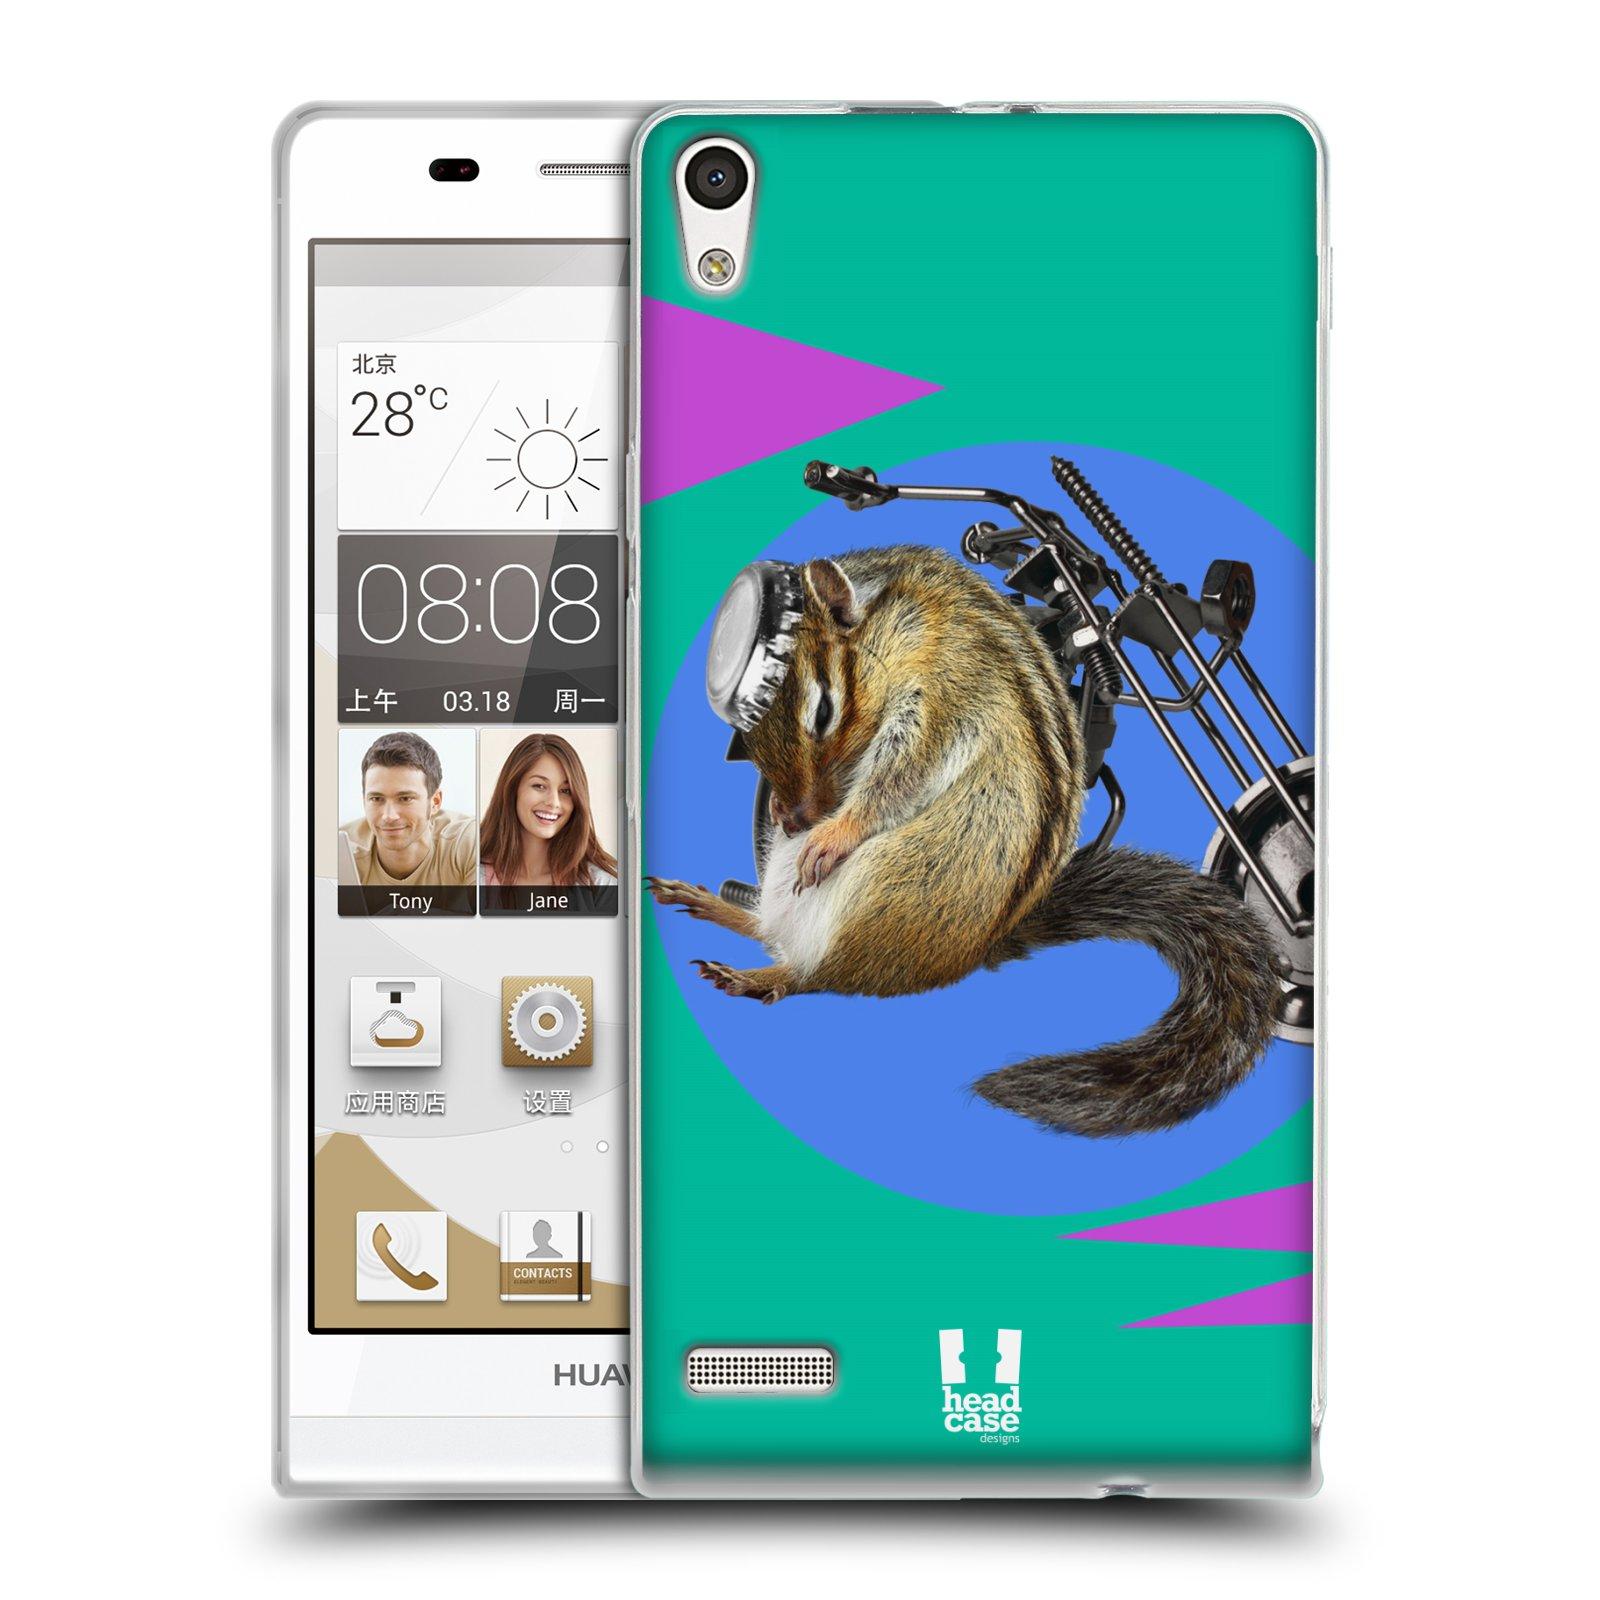 HEAD CASE silikonový obal na mobil Huawei Ascend P6 Legrační zvířátka veverka motorkář chipmunk